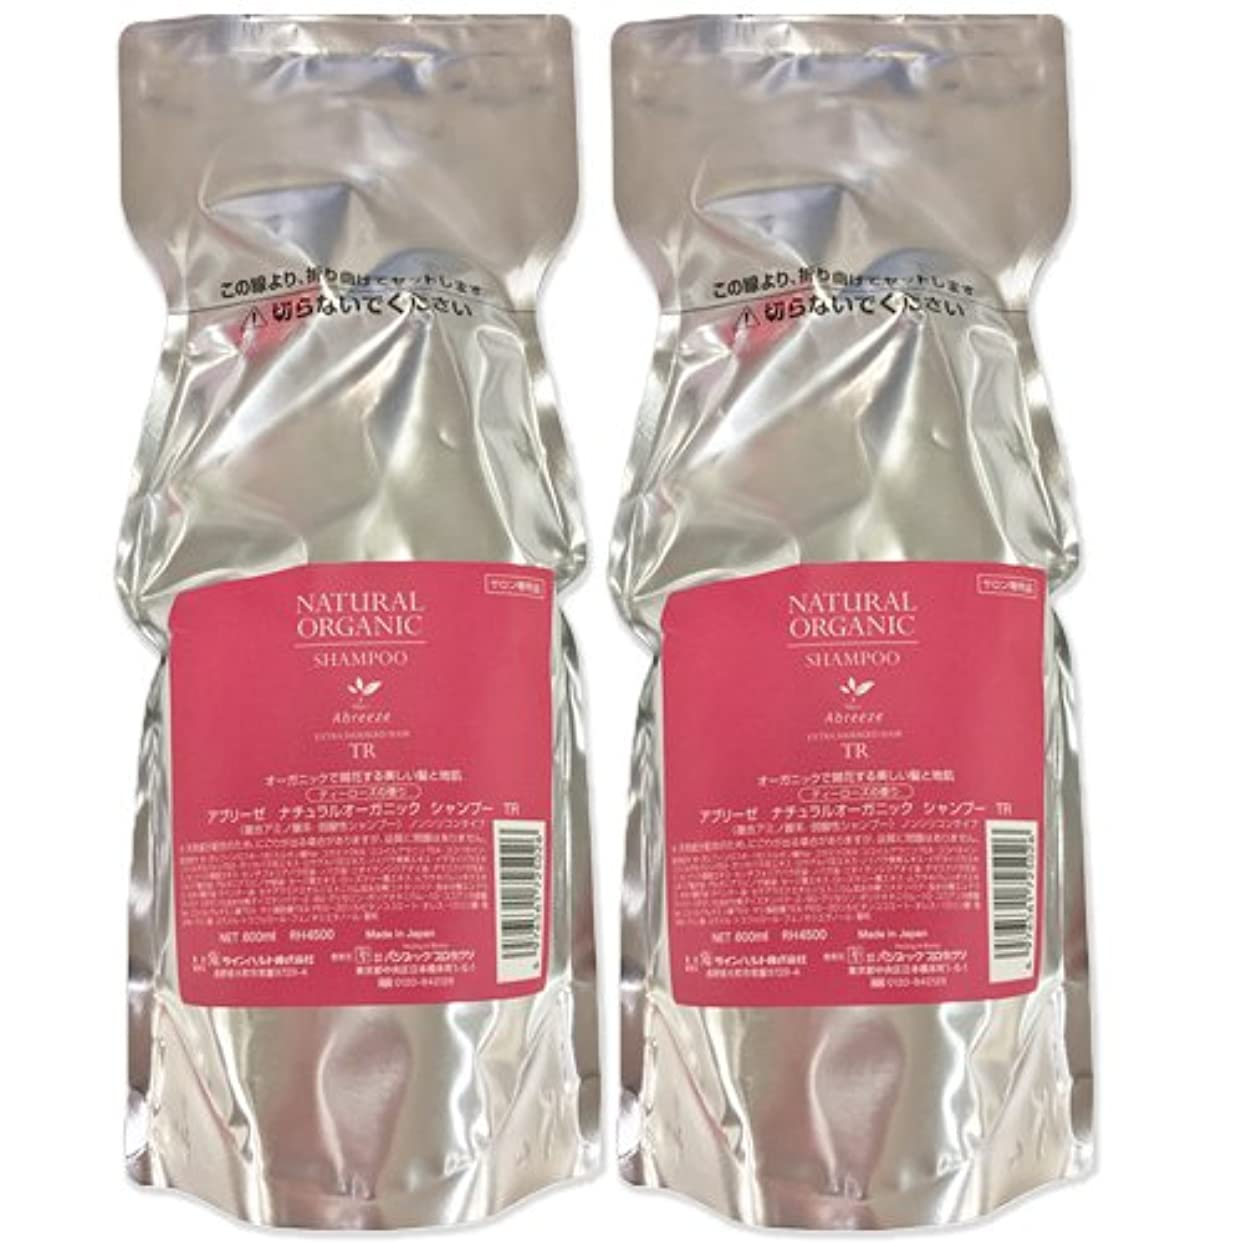 正義飢えた人種パシフィックプロダクツ アブリーゼ ナチュラルオーガニック シャンプー TR 600mL 詰め替え ×2個 セット